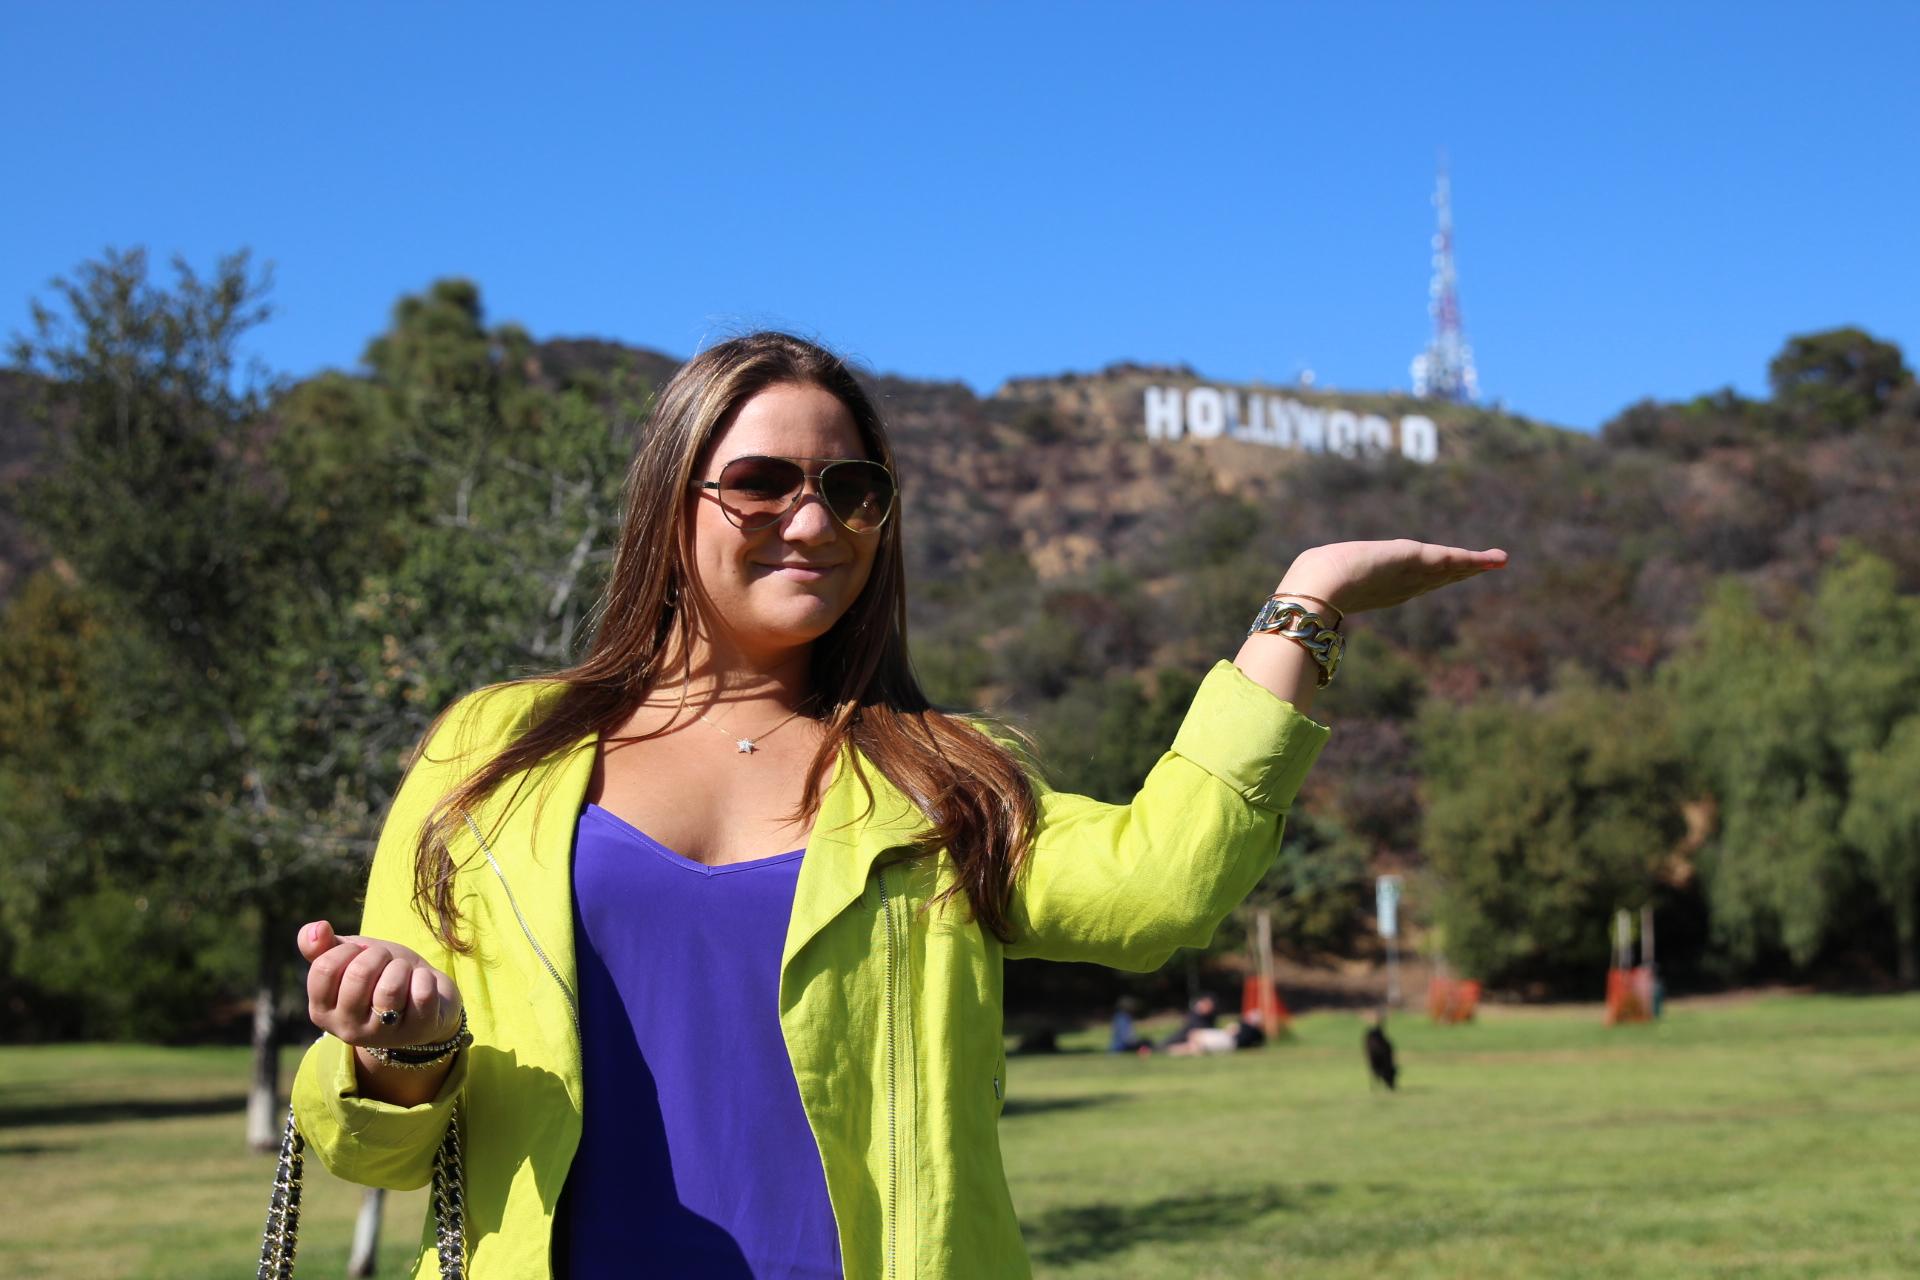 Karen Kane Neon Moto Jacket Hollywood Sign MissyOnMadison Blog Blogger Style Fashion